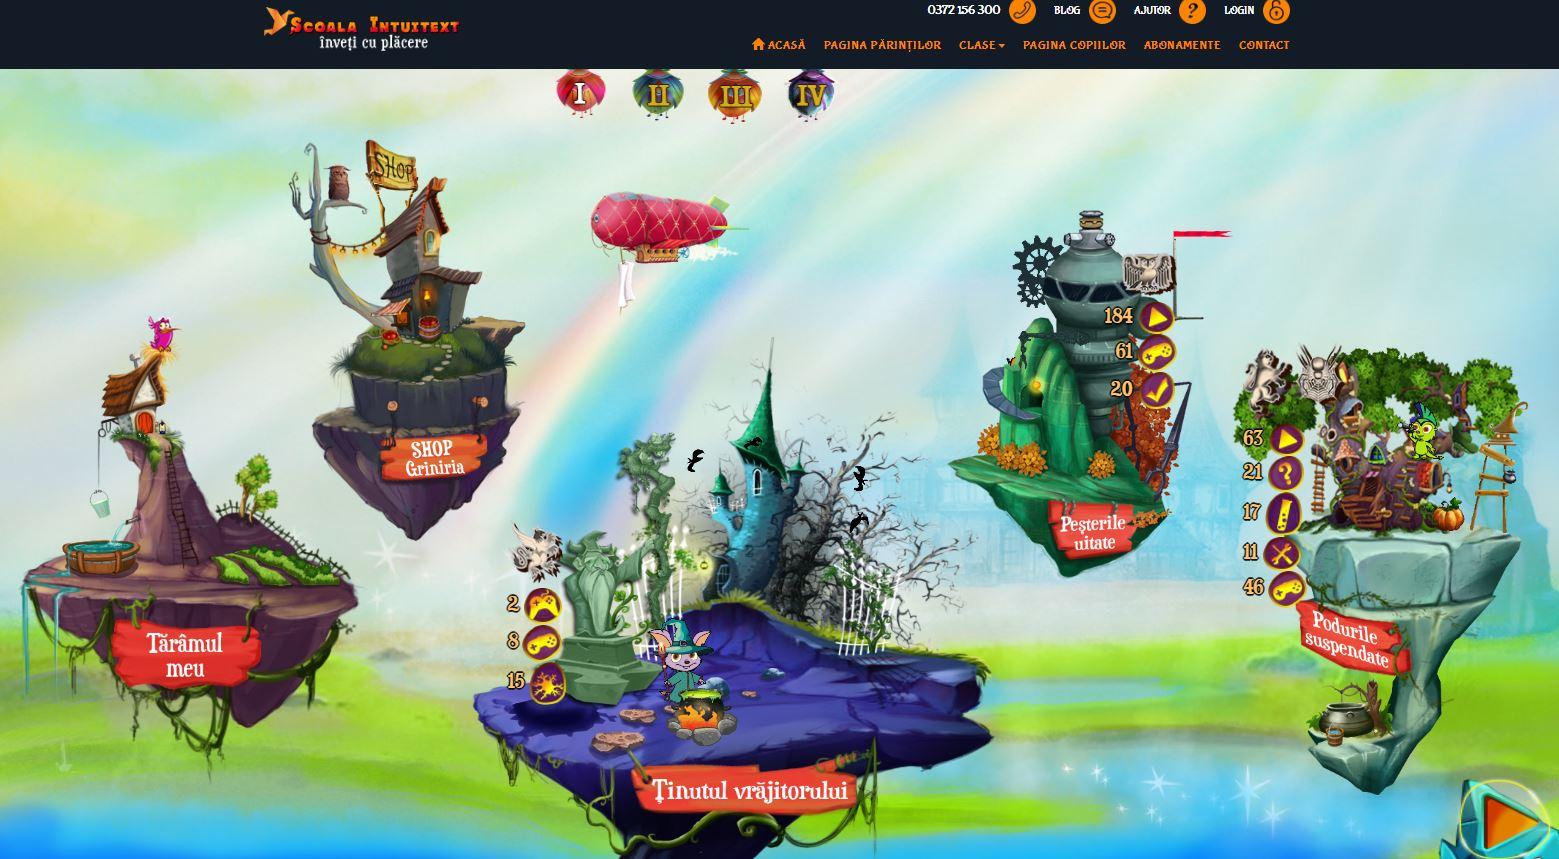 Site-ul educațional Școala Intuitext pentru copiii din clasele primare